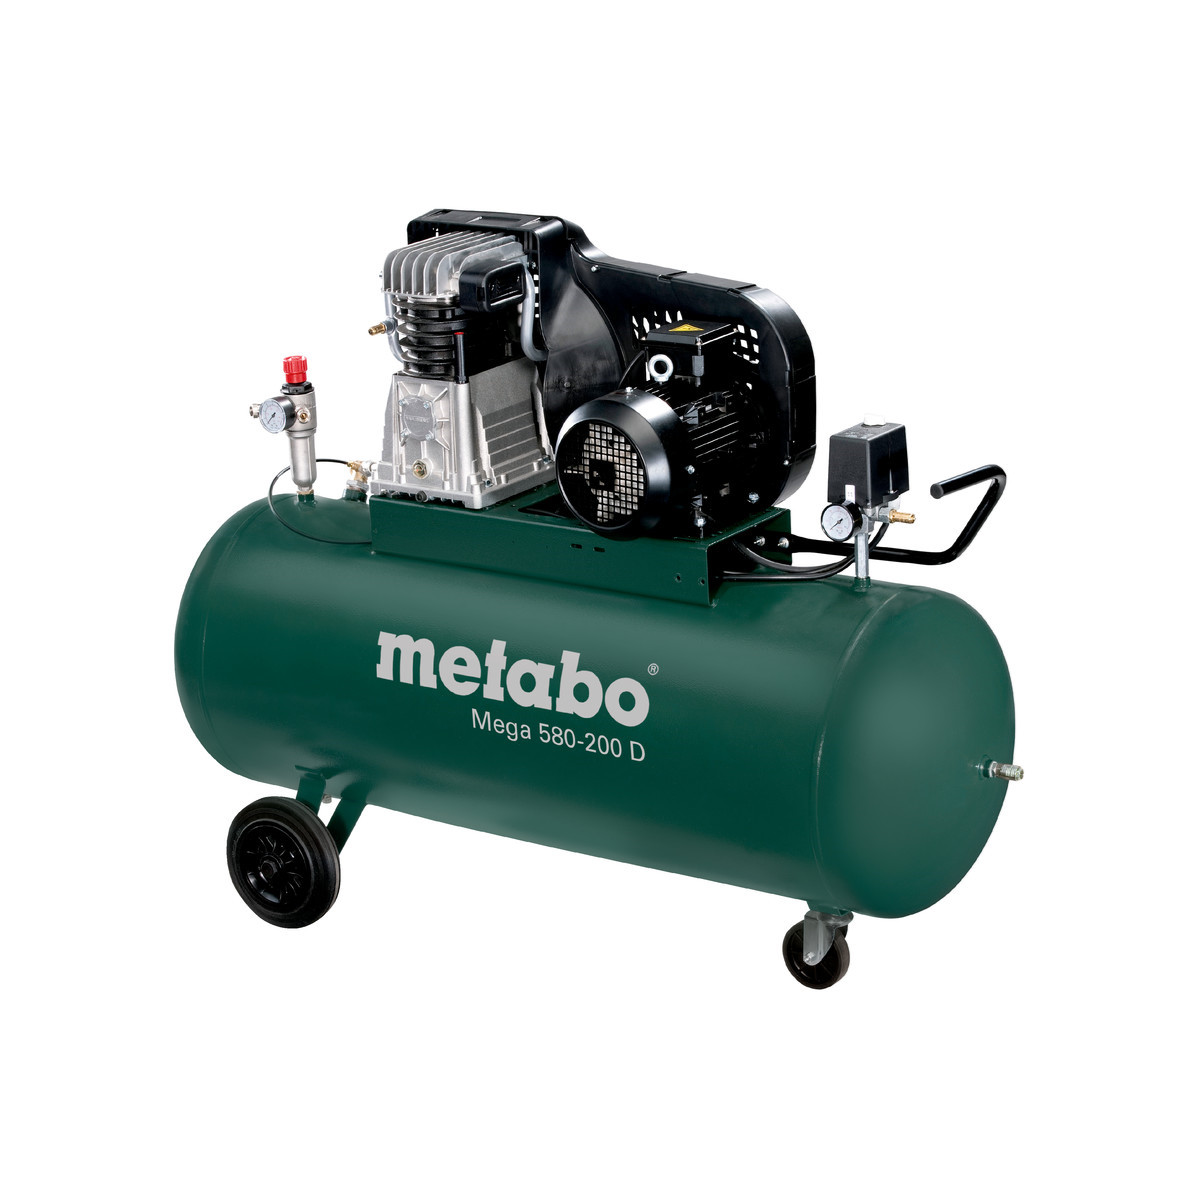 Metabo 601588000 Kompressor Mega 580-200 D3,0KW